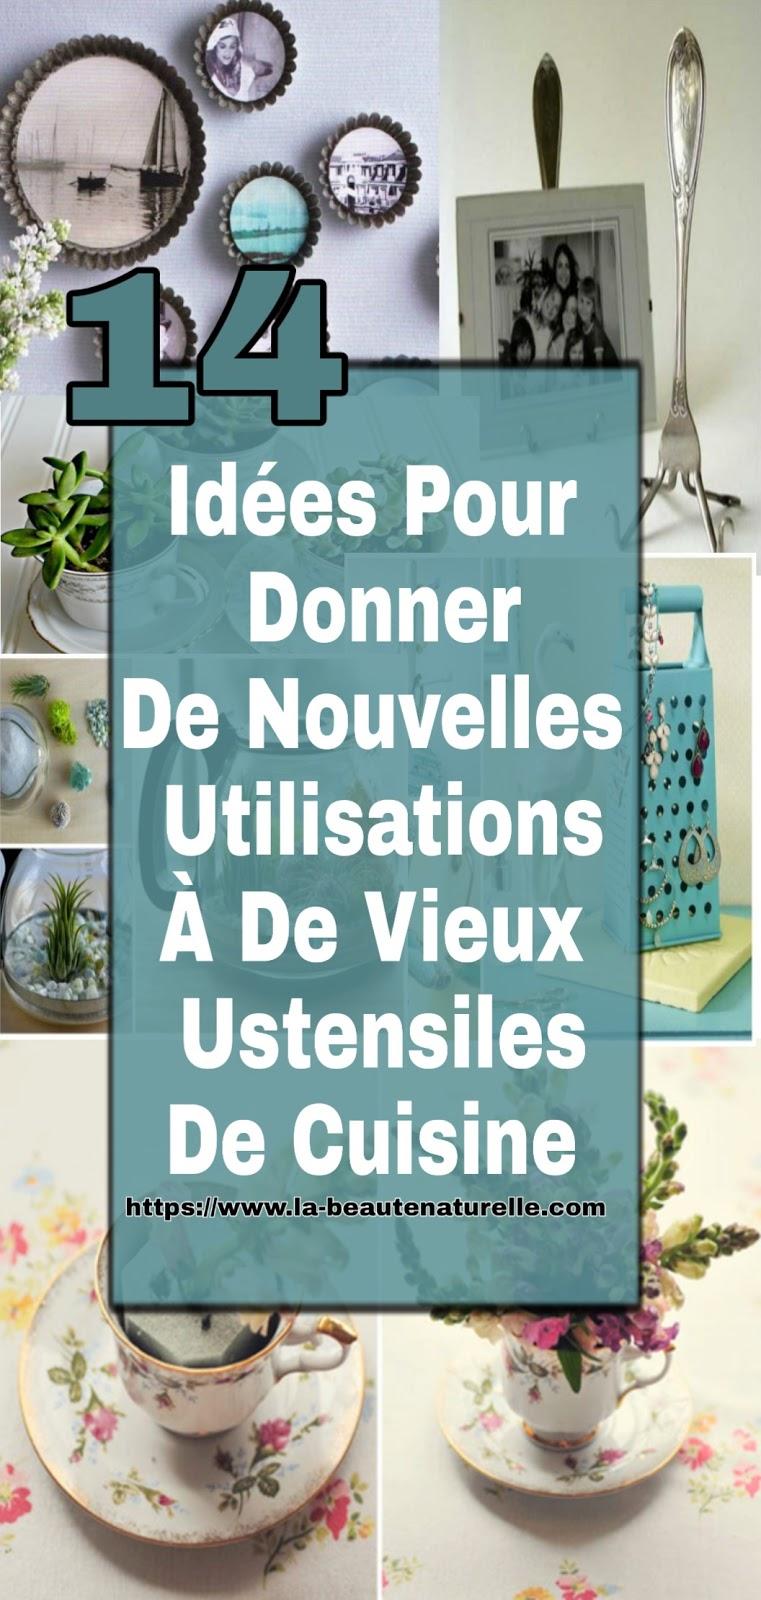 14 Idées Pour Donner De Nouvelles Utilisations À De Vieux Ustensiles De Cuisine